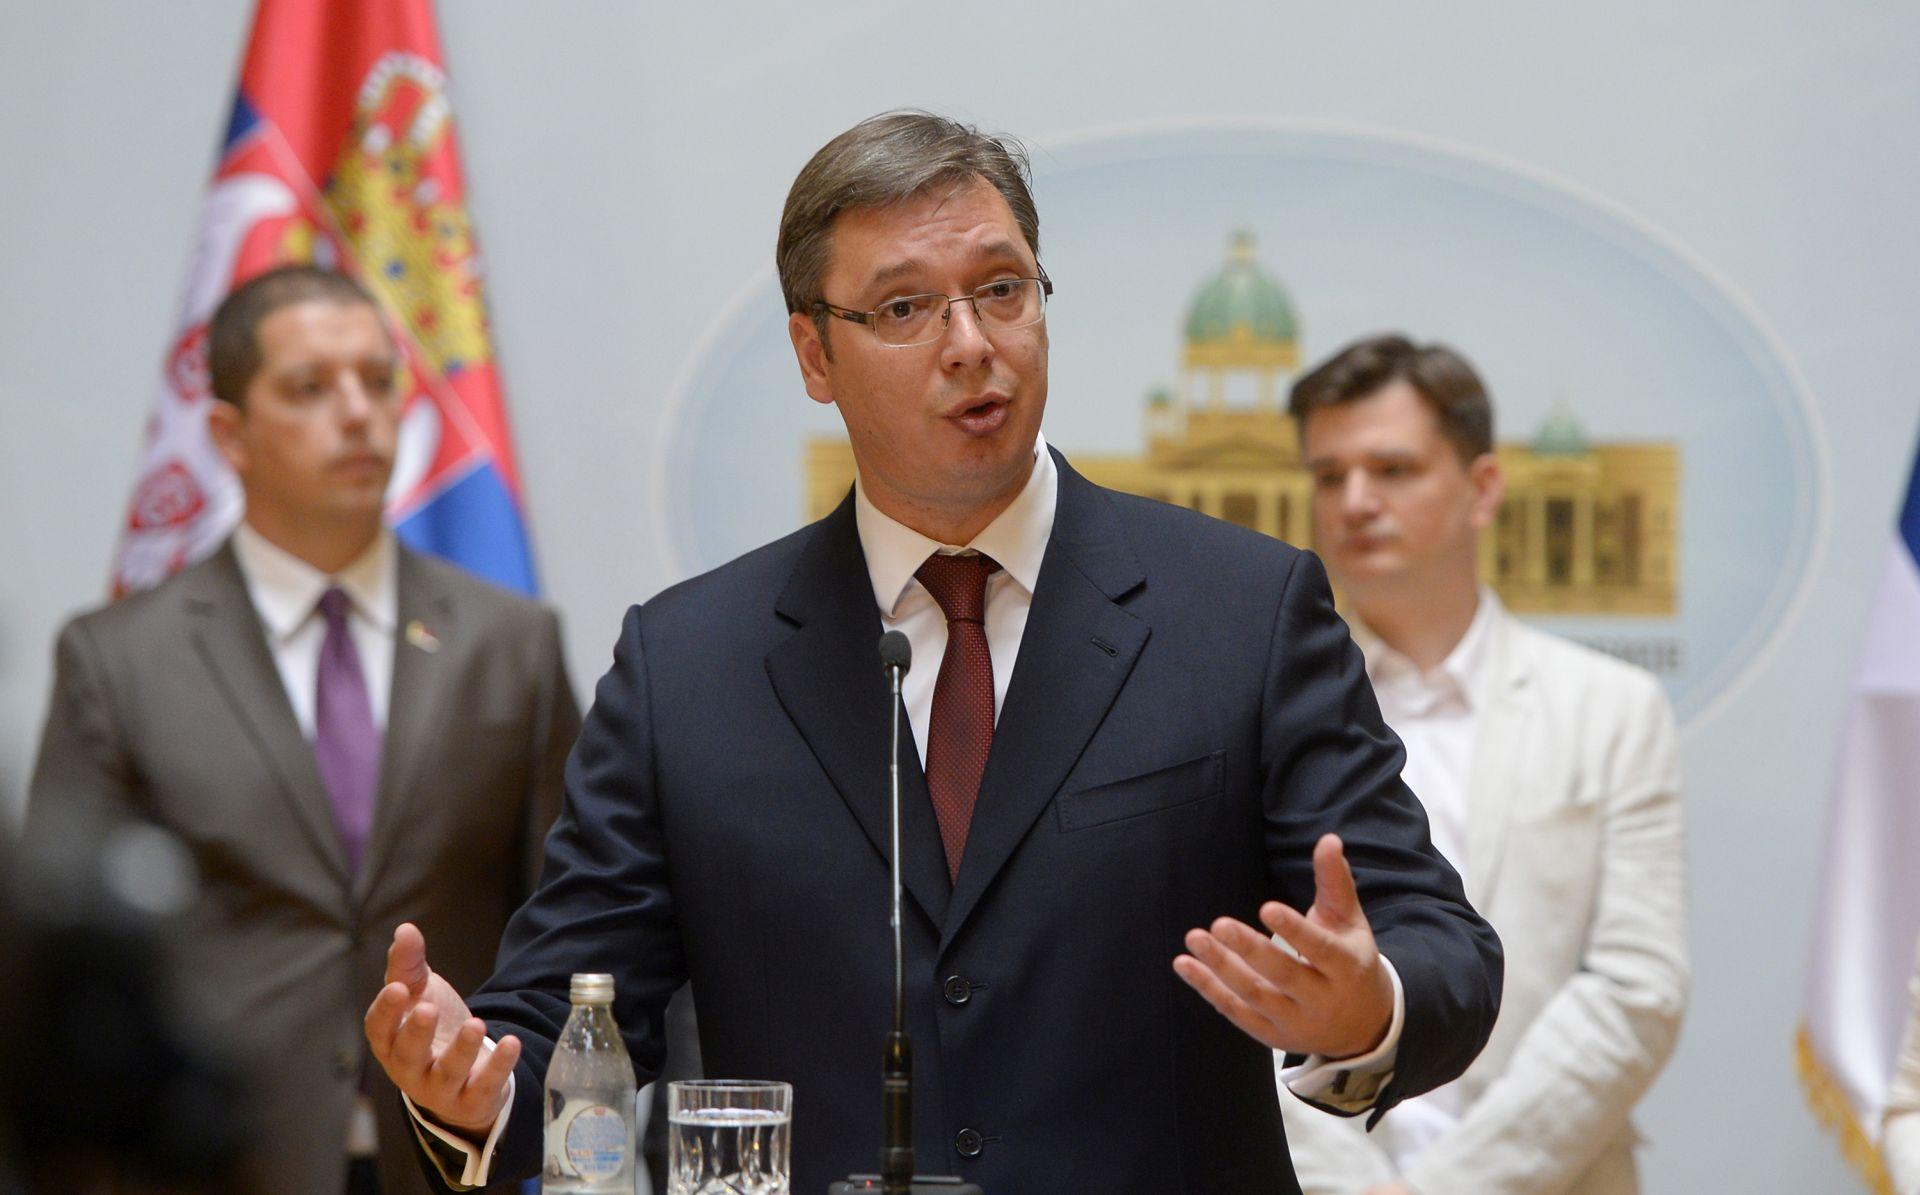 Beograd bez komentara o uhićenju državljana Srbije u Crnoj Gori dok ne prođu izbori